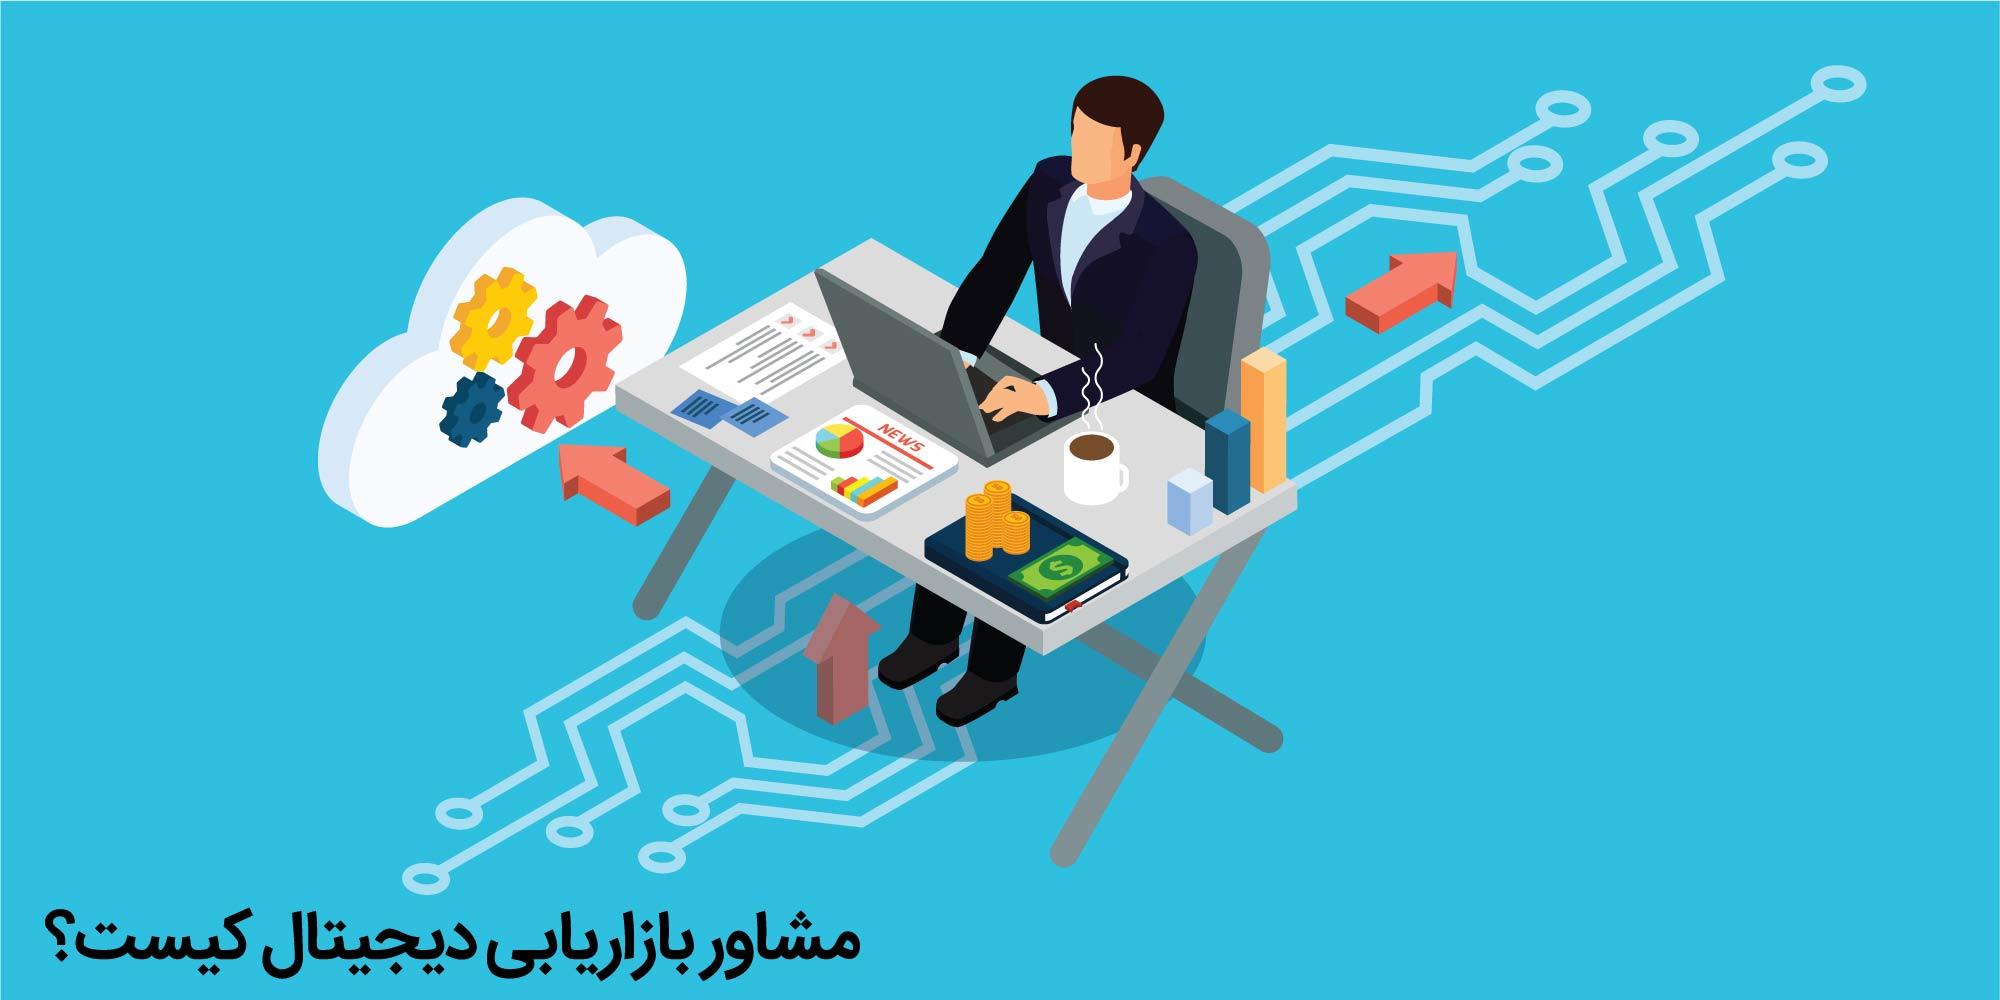 یک مشاوره بازاریابی دیجیتال کیست؟